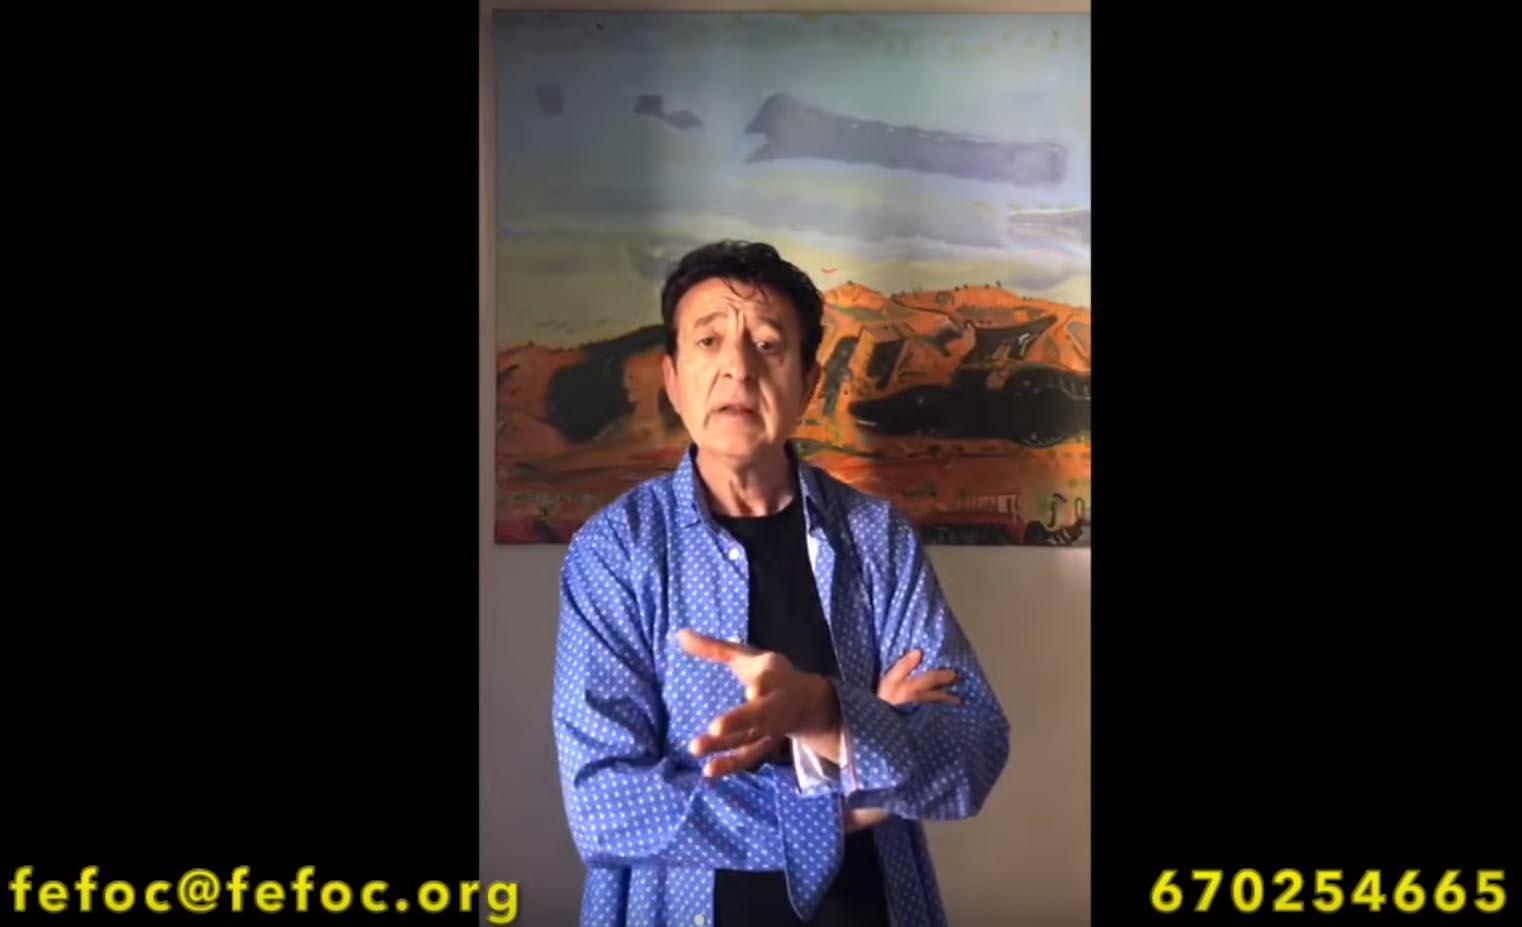 Mensaje de Manolo García en apoyo a FEFOC